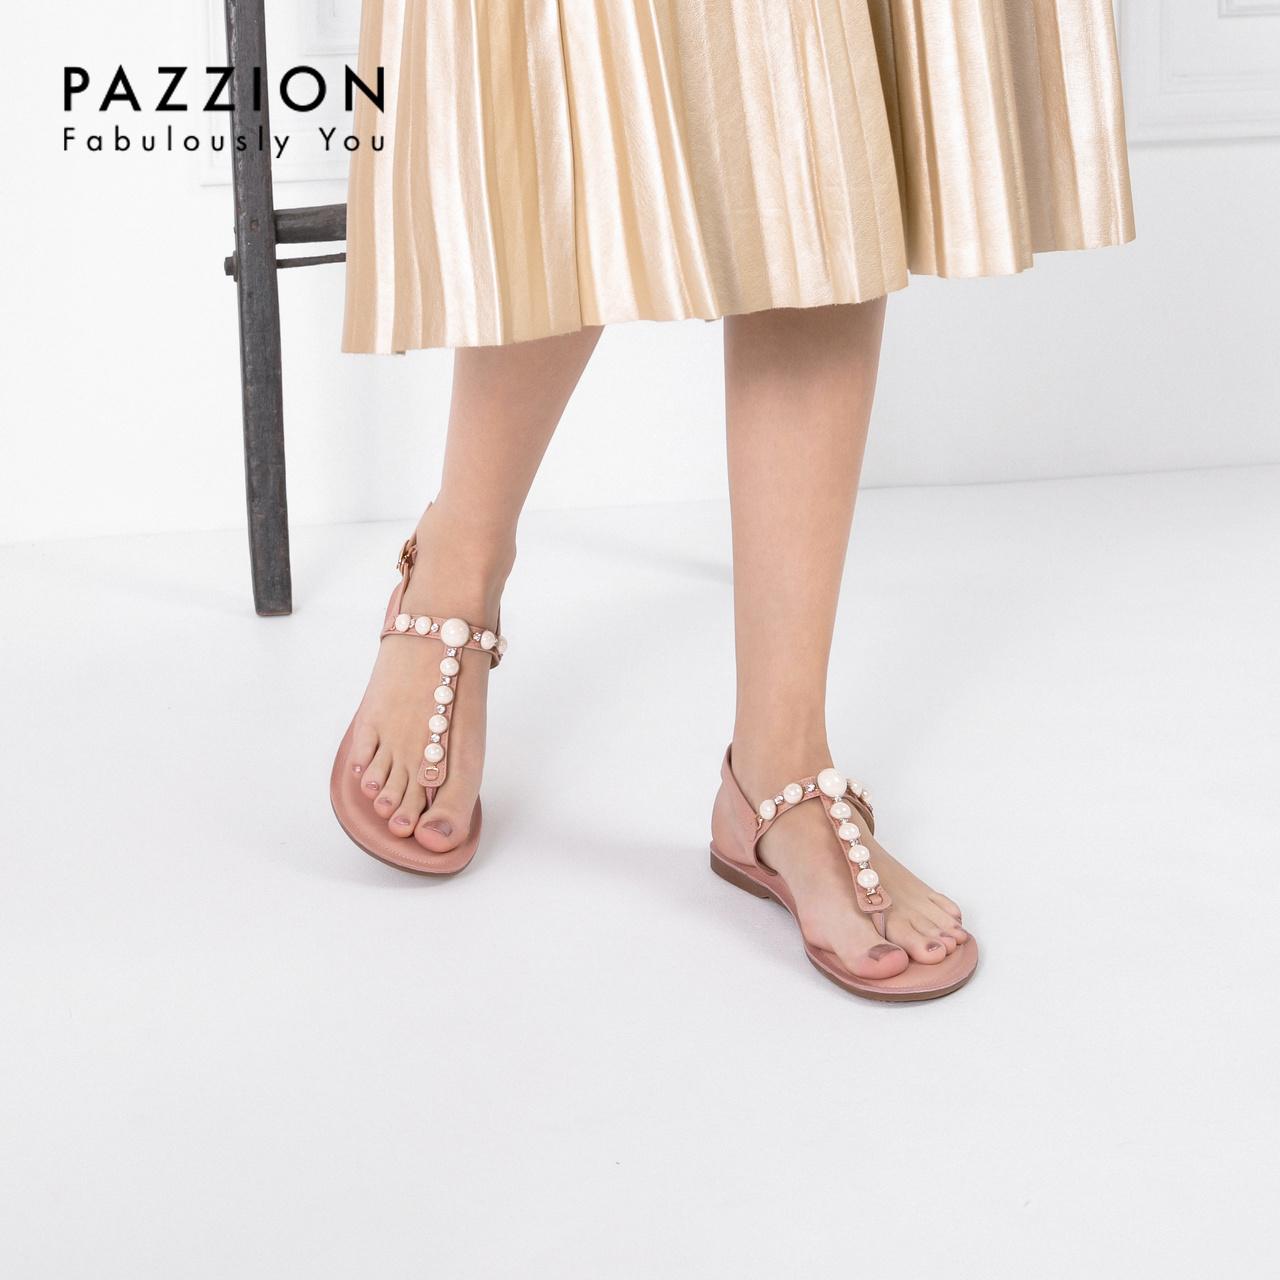 PAZZION甜美串珠水钻夹趾凉鞋女2019新款 清凉时尚一字扣带单鞋